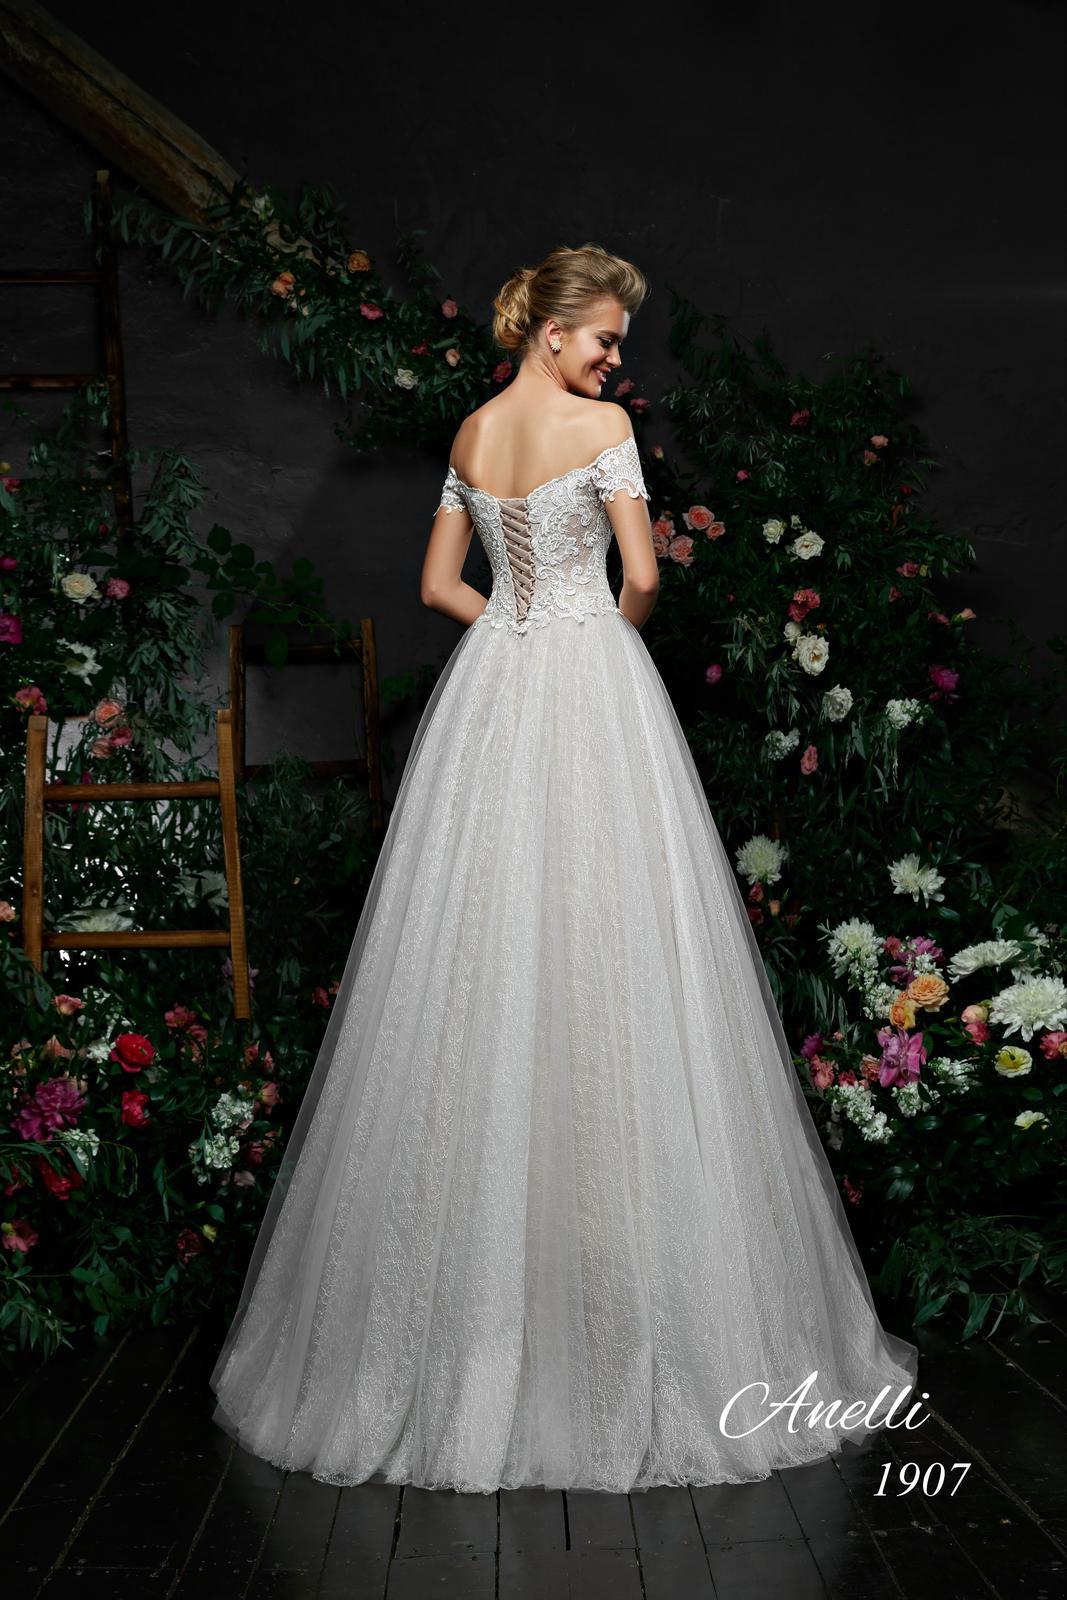 Svadobné šaty - Blossom 1907 - Obrázok č. 3